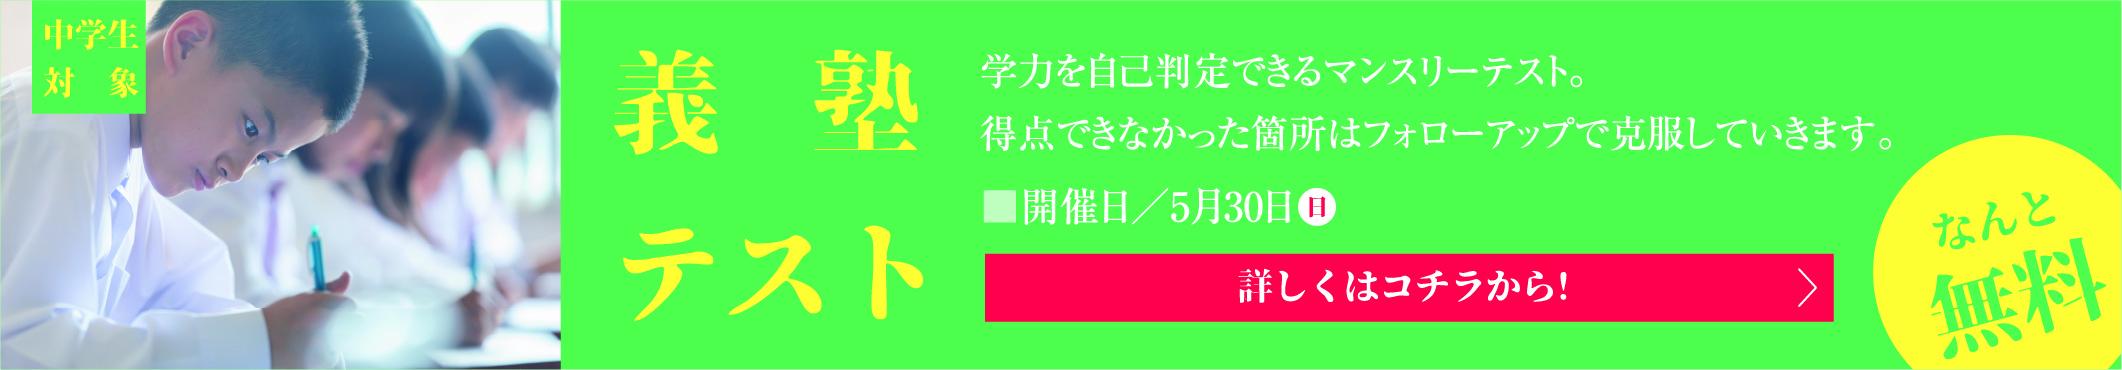 中学生対象瓦義塾2021年5月30日開催テスト